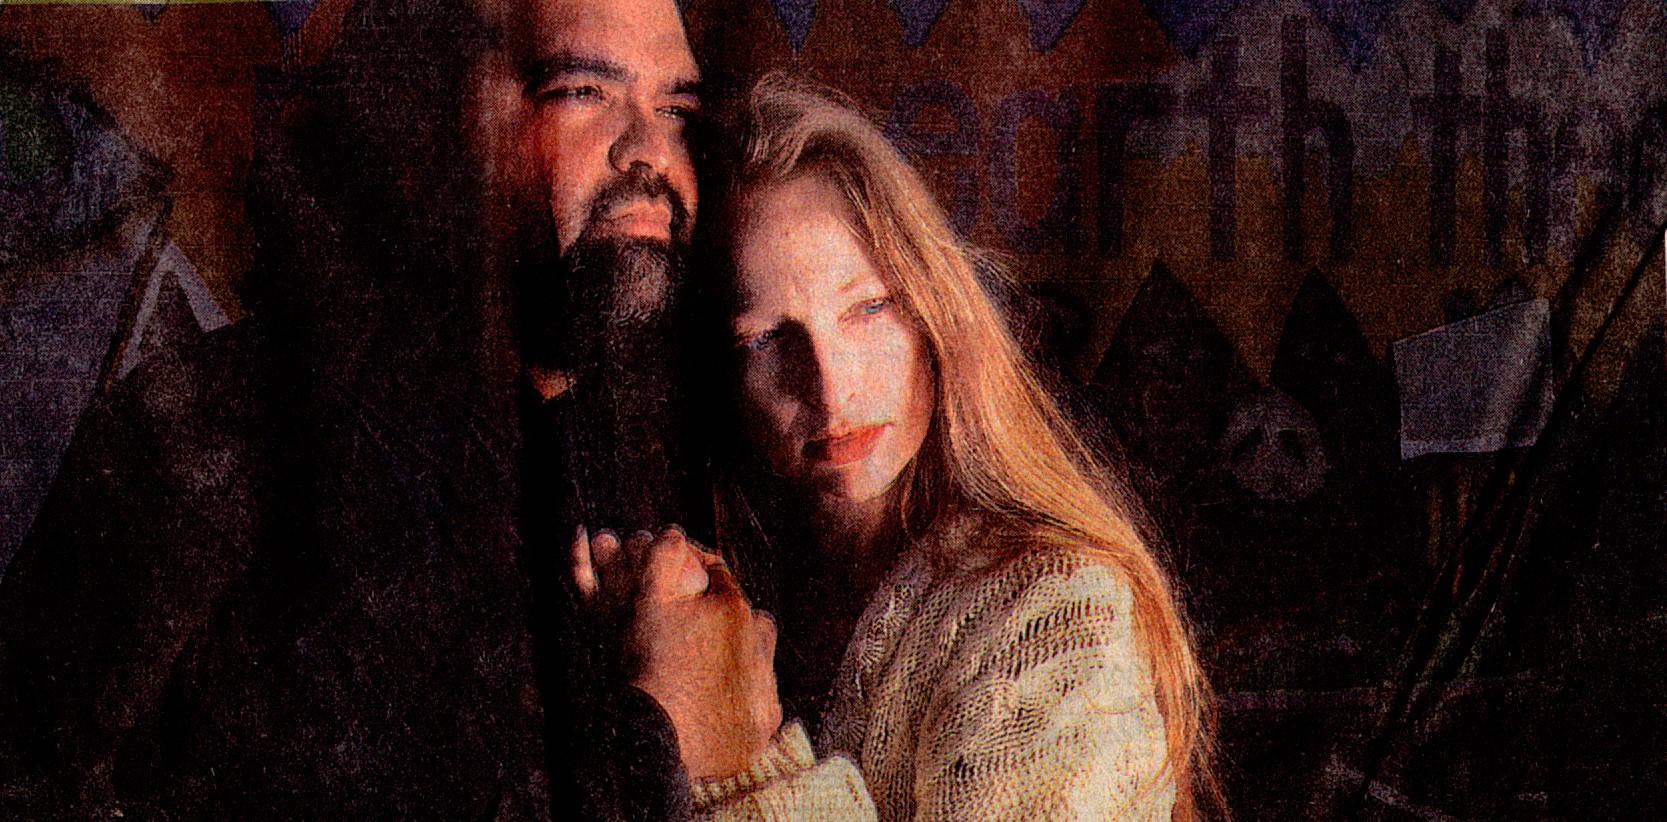 Peter James Cirino and Mollie Kellogg